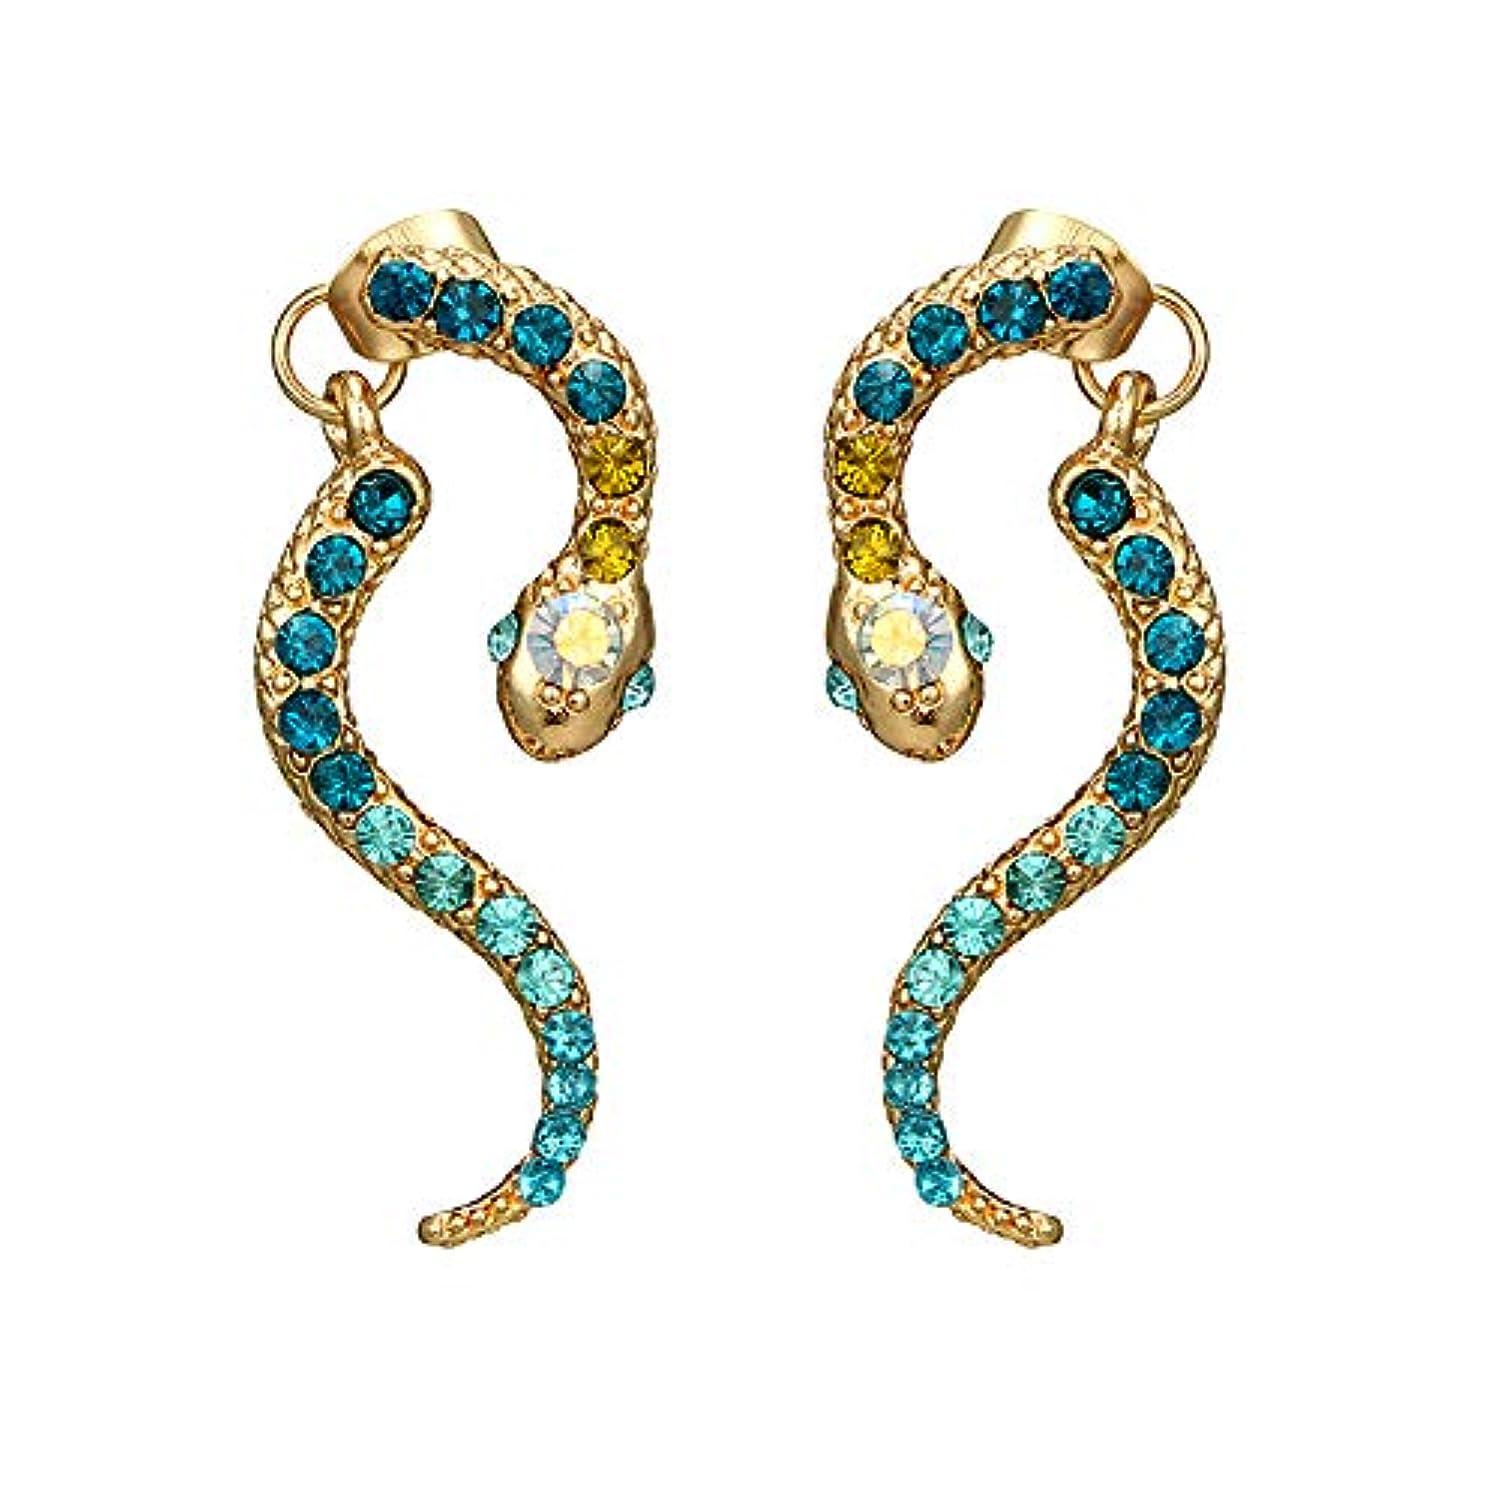 敏感なピック暖かくNicircle 女性ヴィンテージパーソナリティゾディアックヘビ型ダイヤモンドイヤリング動物合金のイヤリング Women Vintage Personality Zodiac Snake-shaped Diamond Earrings...